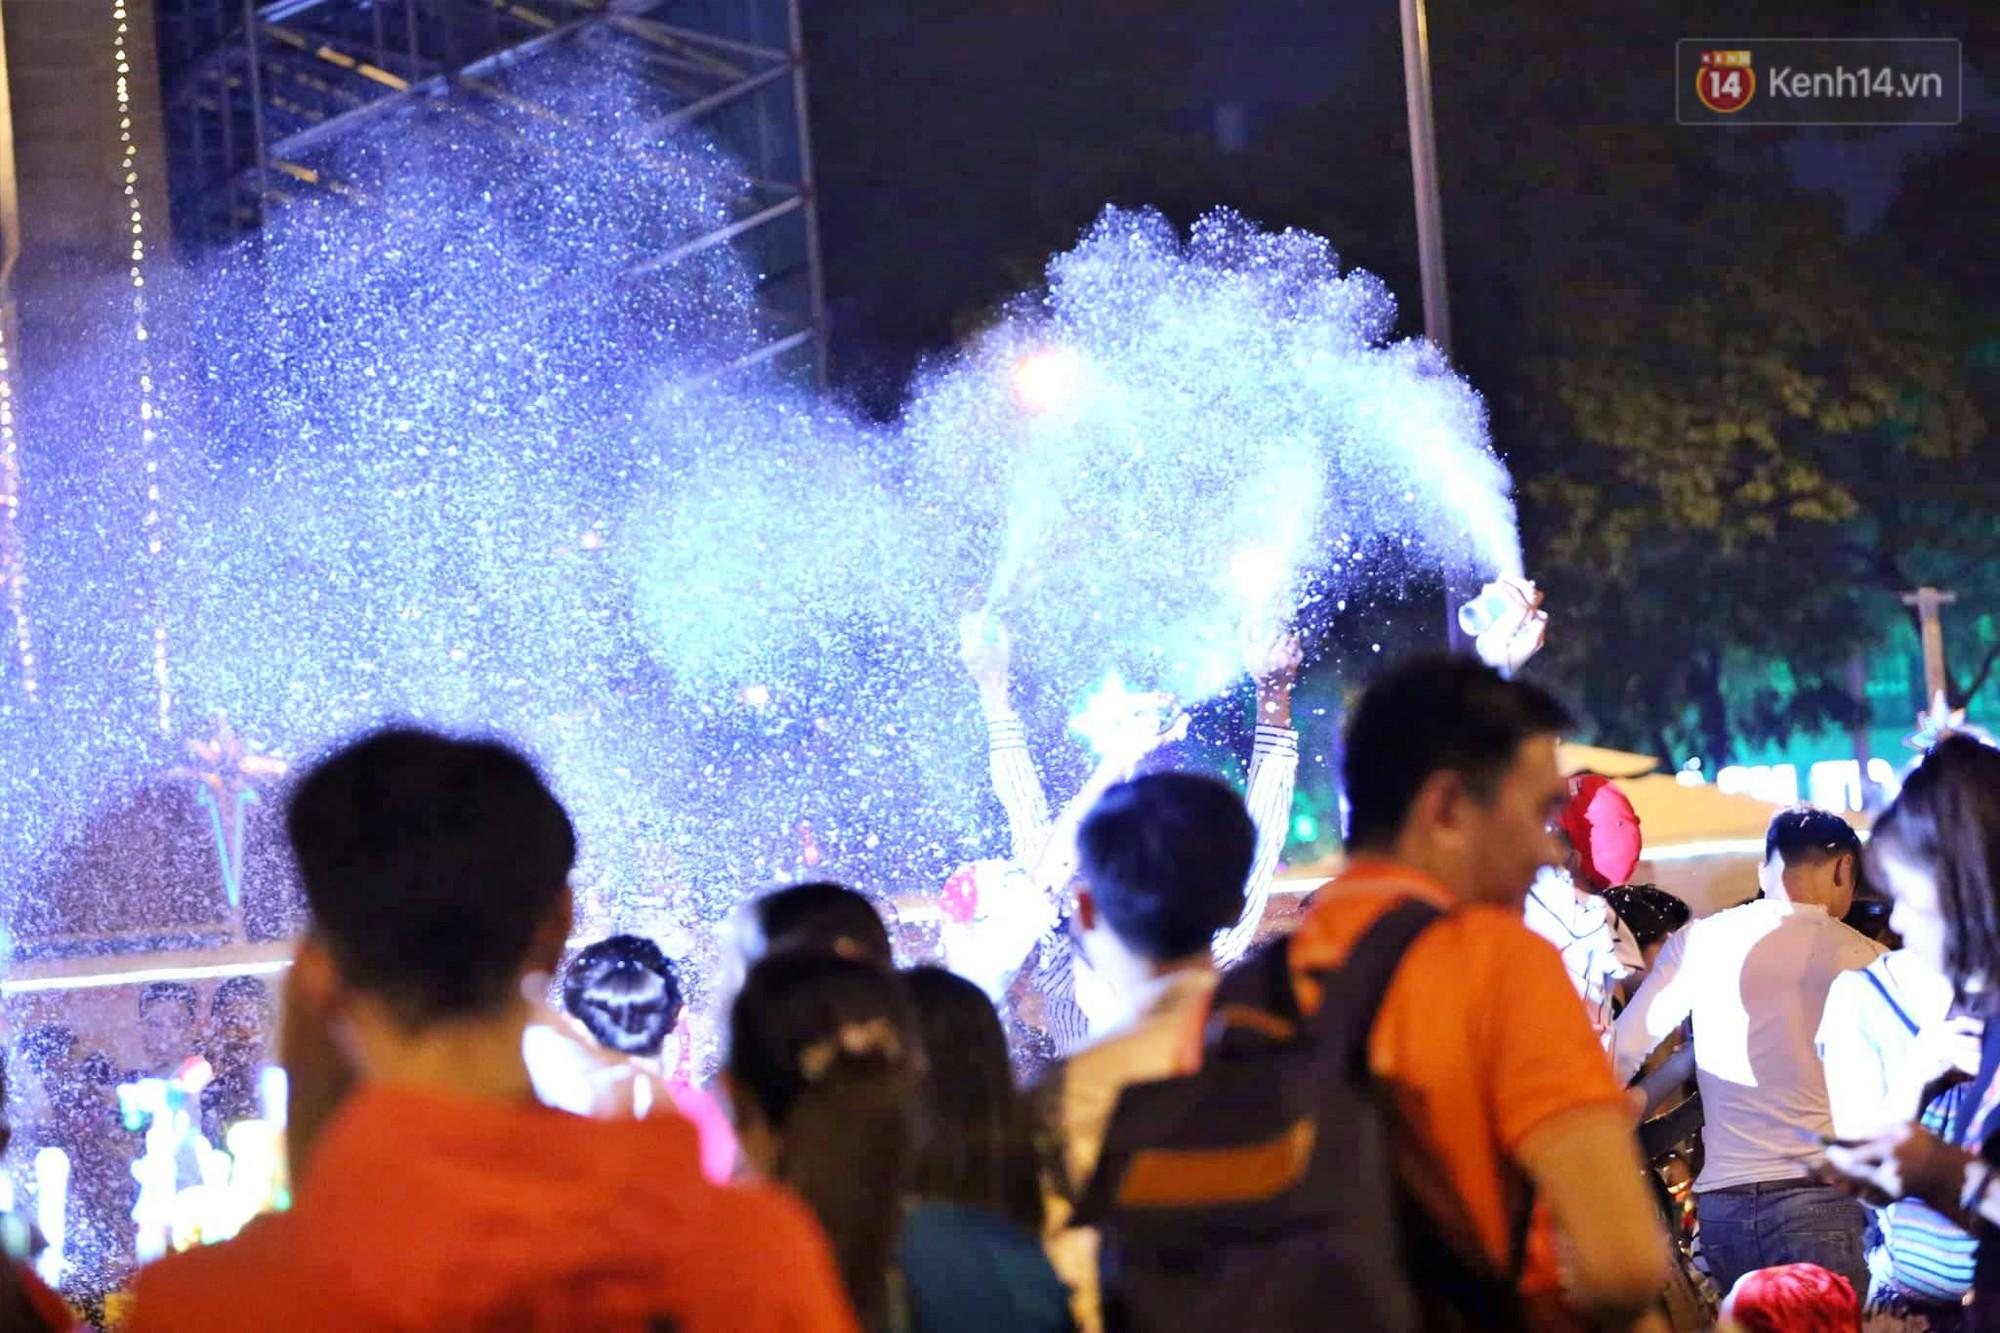 Người dân Hà Nội, Sài Gòn và Đà Nẵng nô nức xuống đường, khắp phố phường khoác lên mình tấm áo Giáng sinh đầy màu sắc - Ảnh 12.